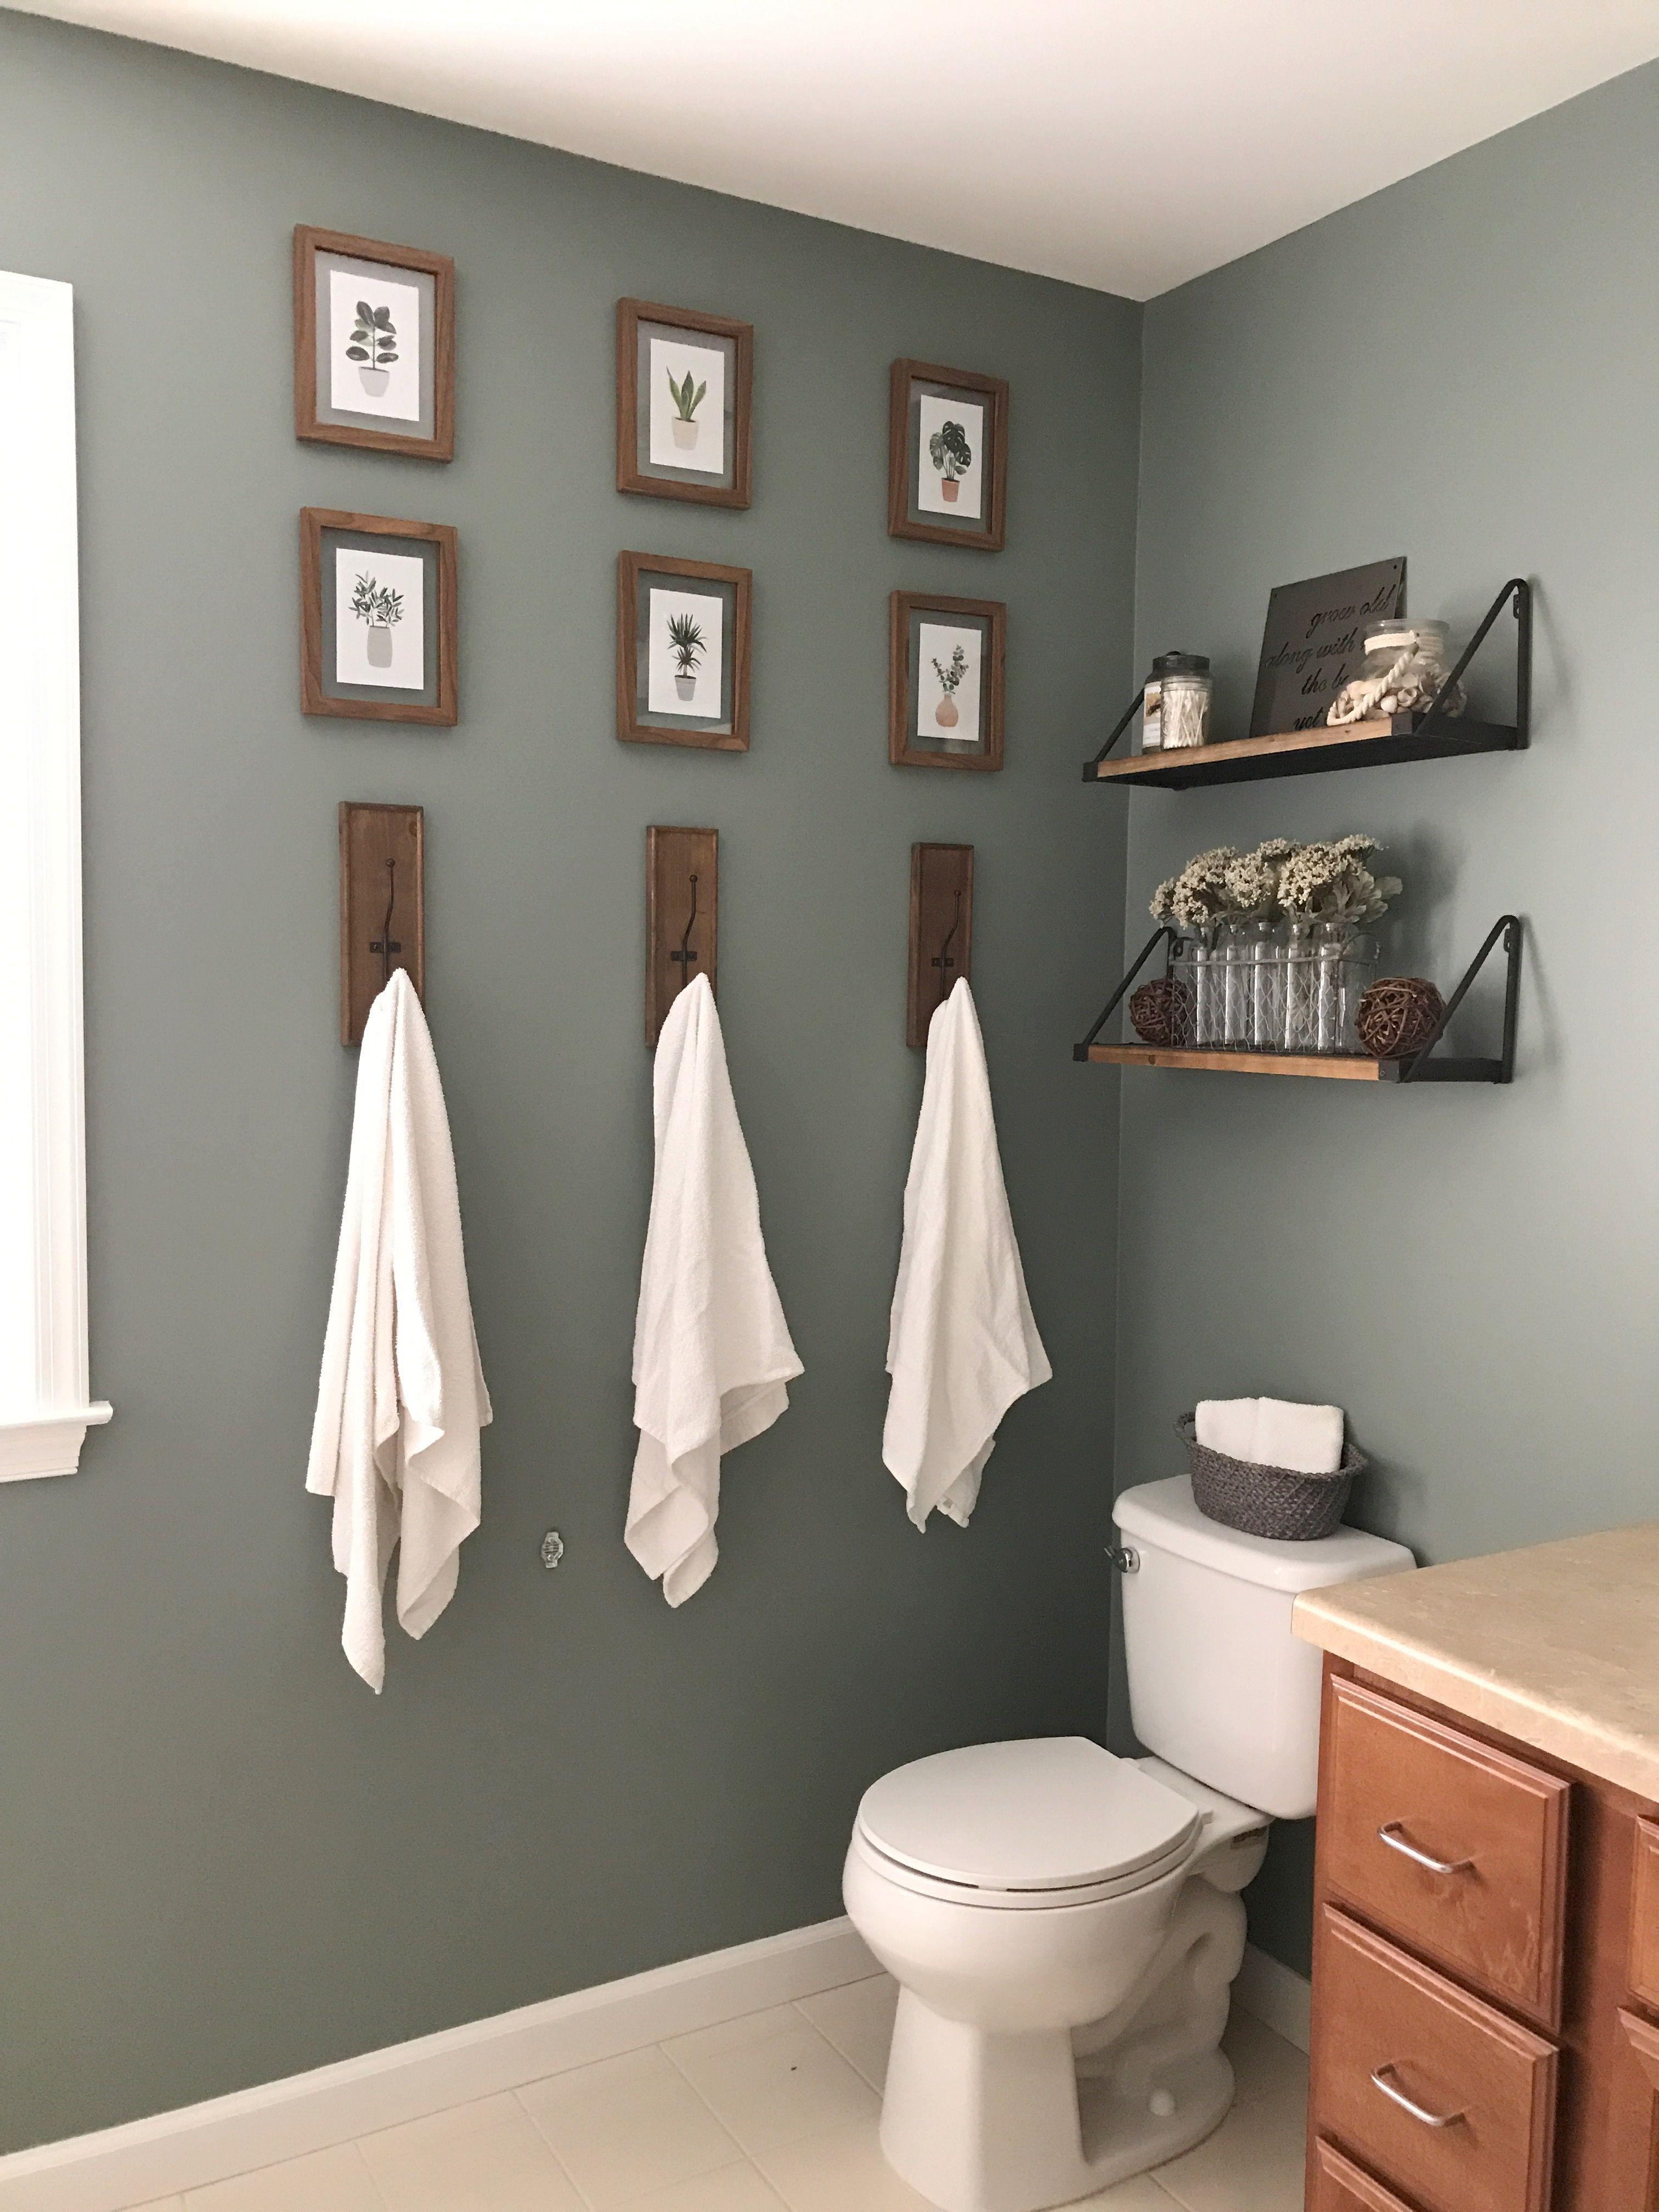 Bathroom | Benjamin Moore Rushing River | Bathroom color ...